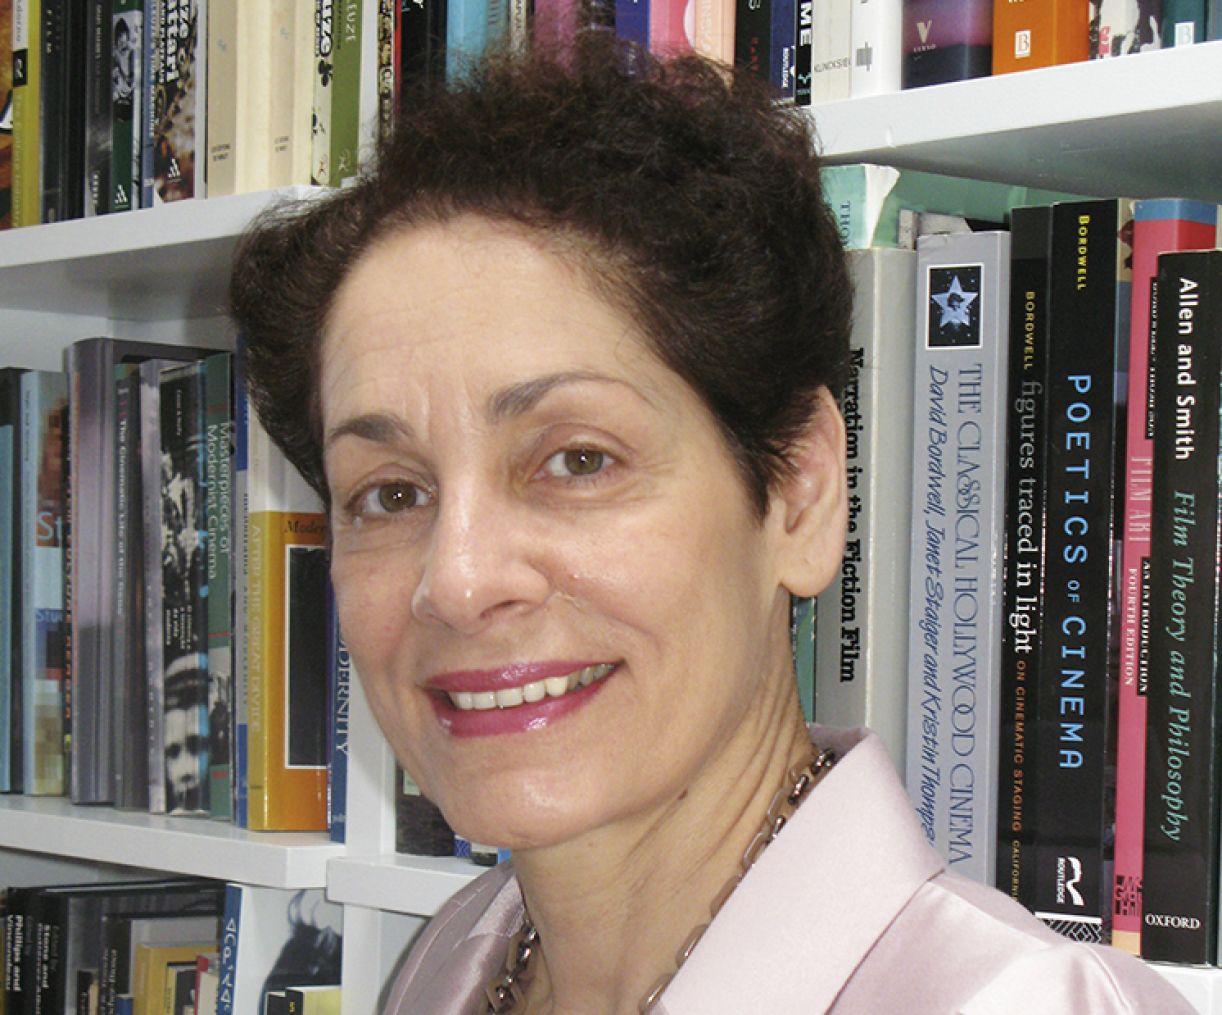 A professora e pesquisadora brasileira, radicada em Londres, Lúcia Nagib